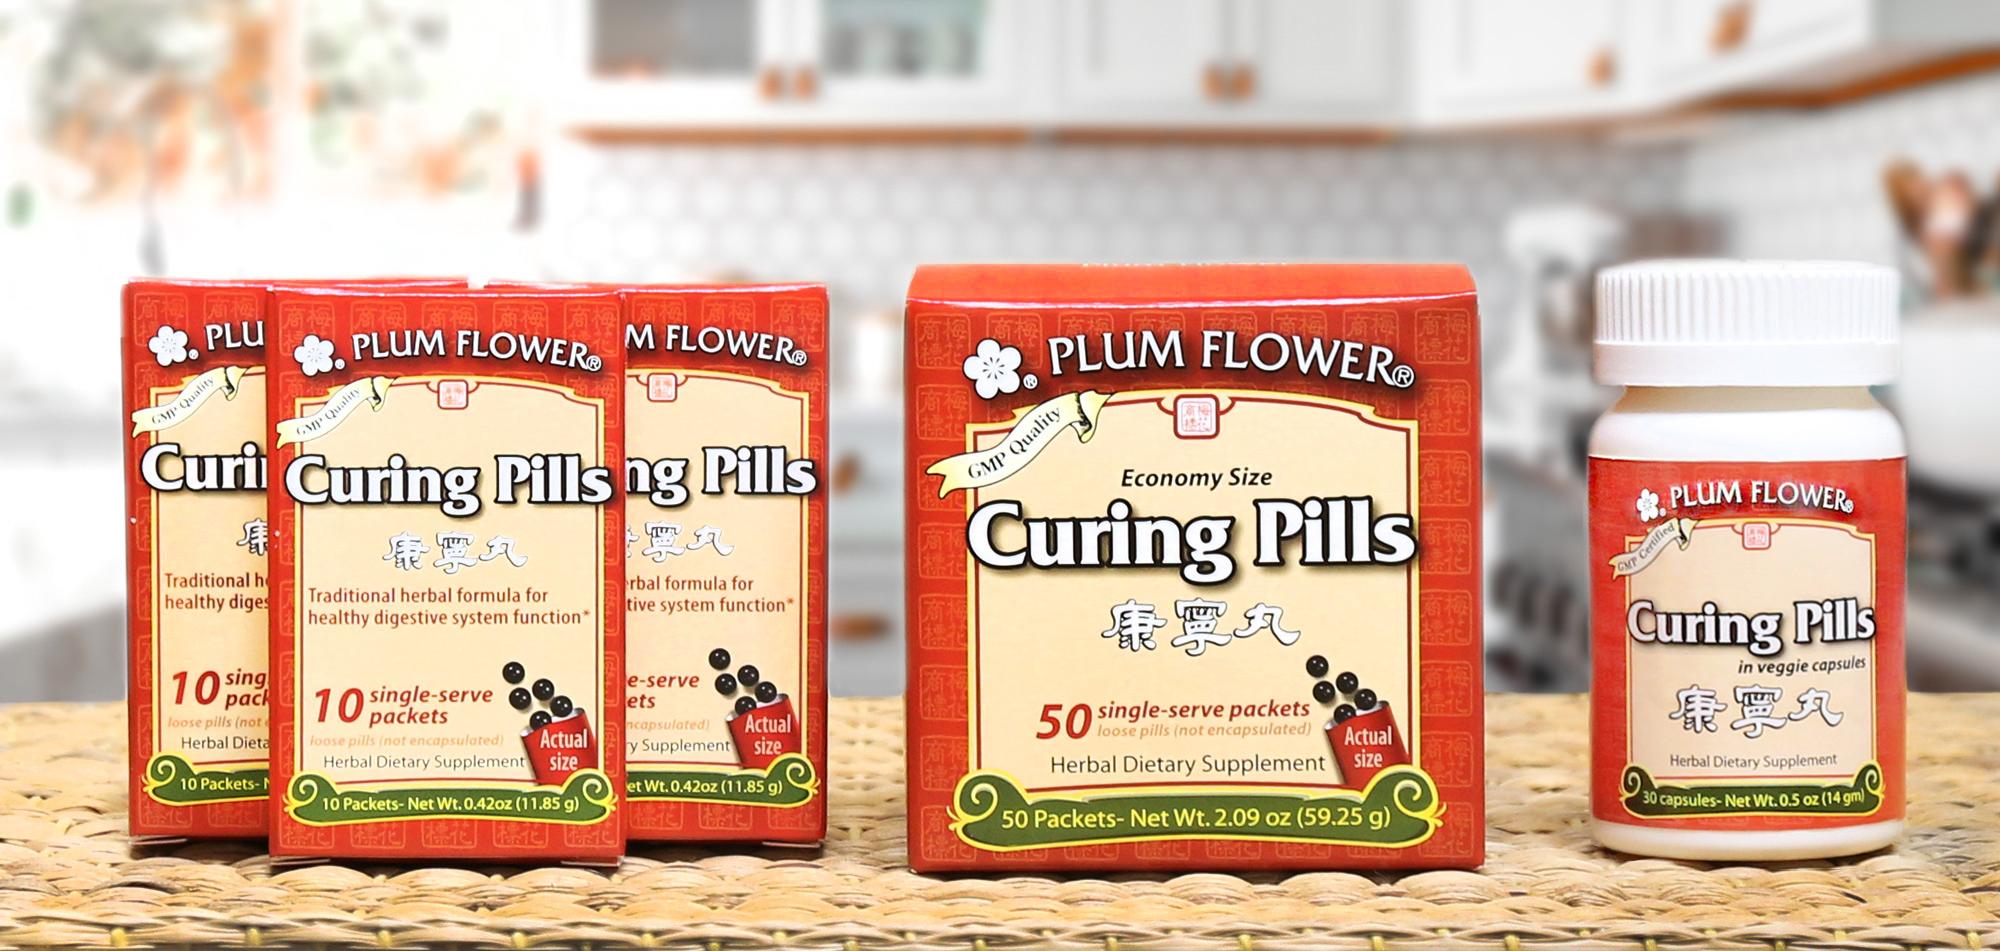 Plum Flower Curing Pills